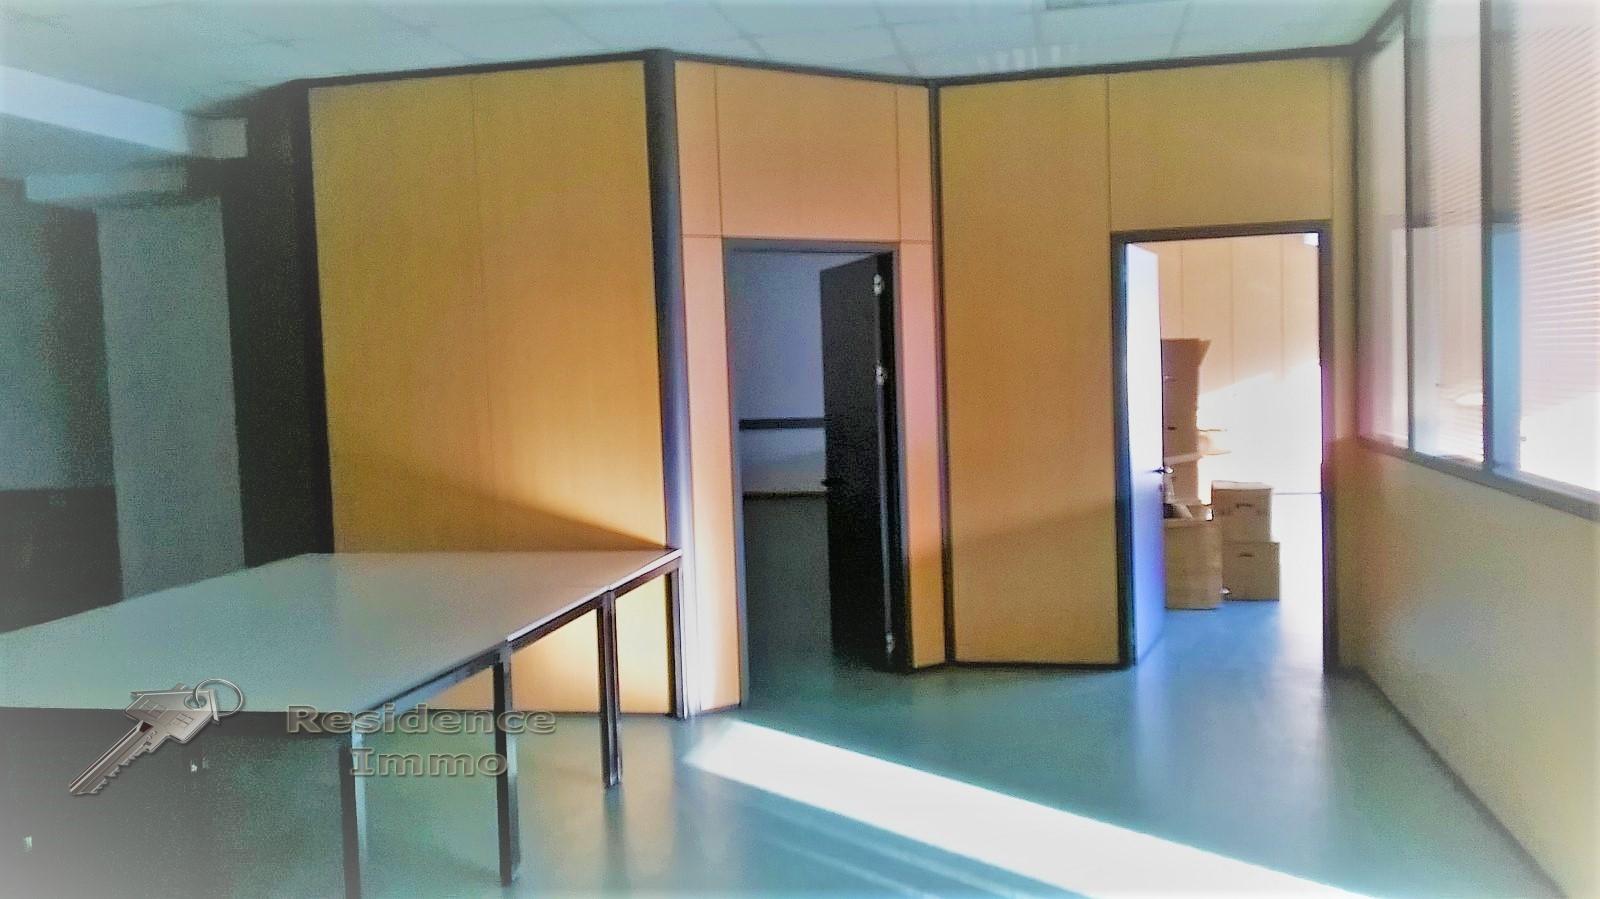 Ufficio / Studio in affitto a Bolzano, 9999 locali, prezzo € 190.000 | CambioCasa.it